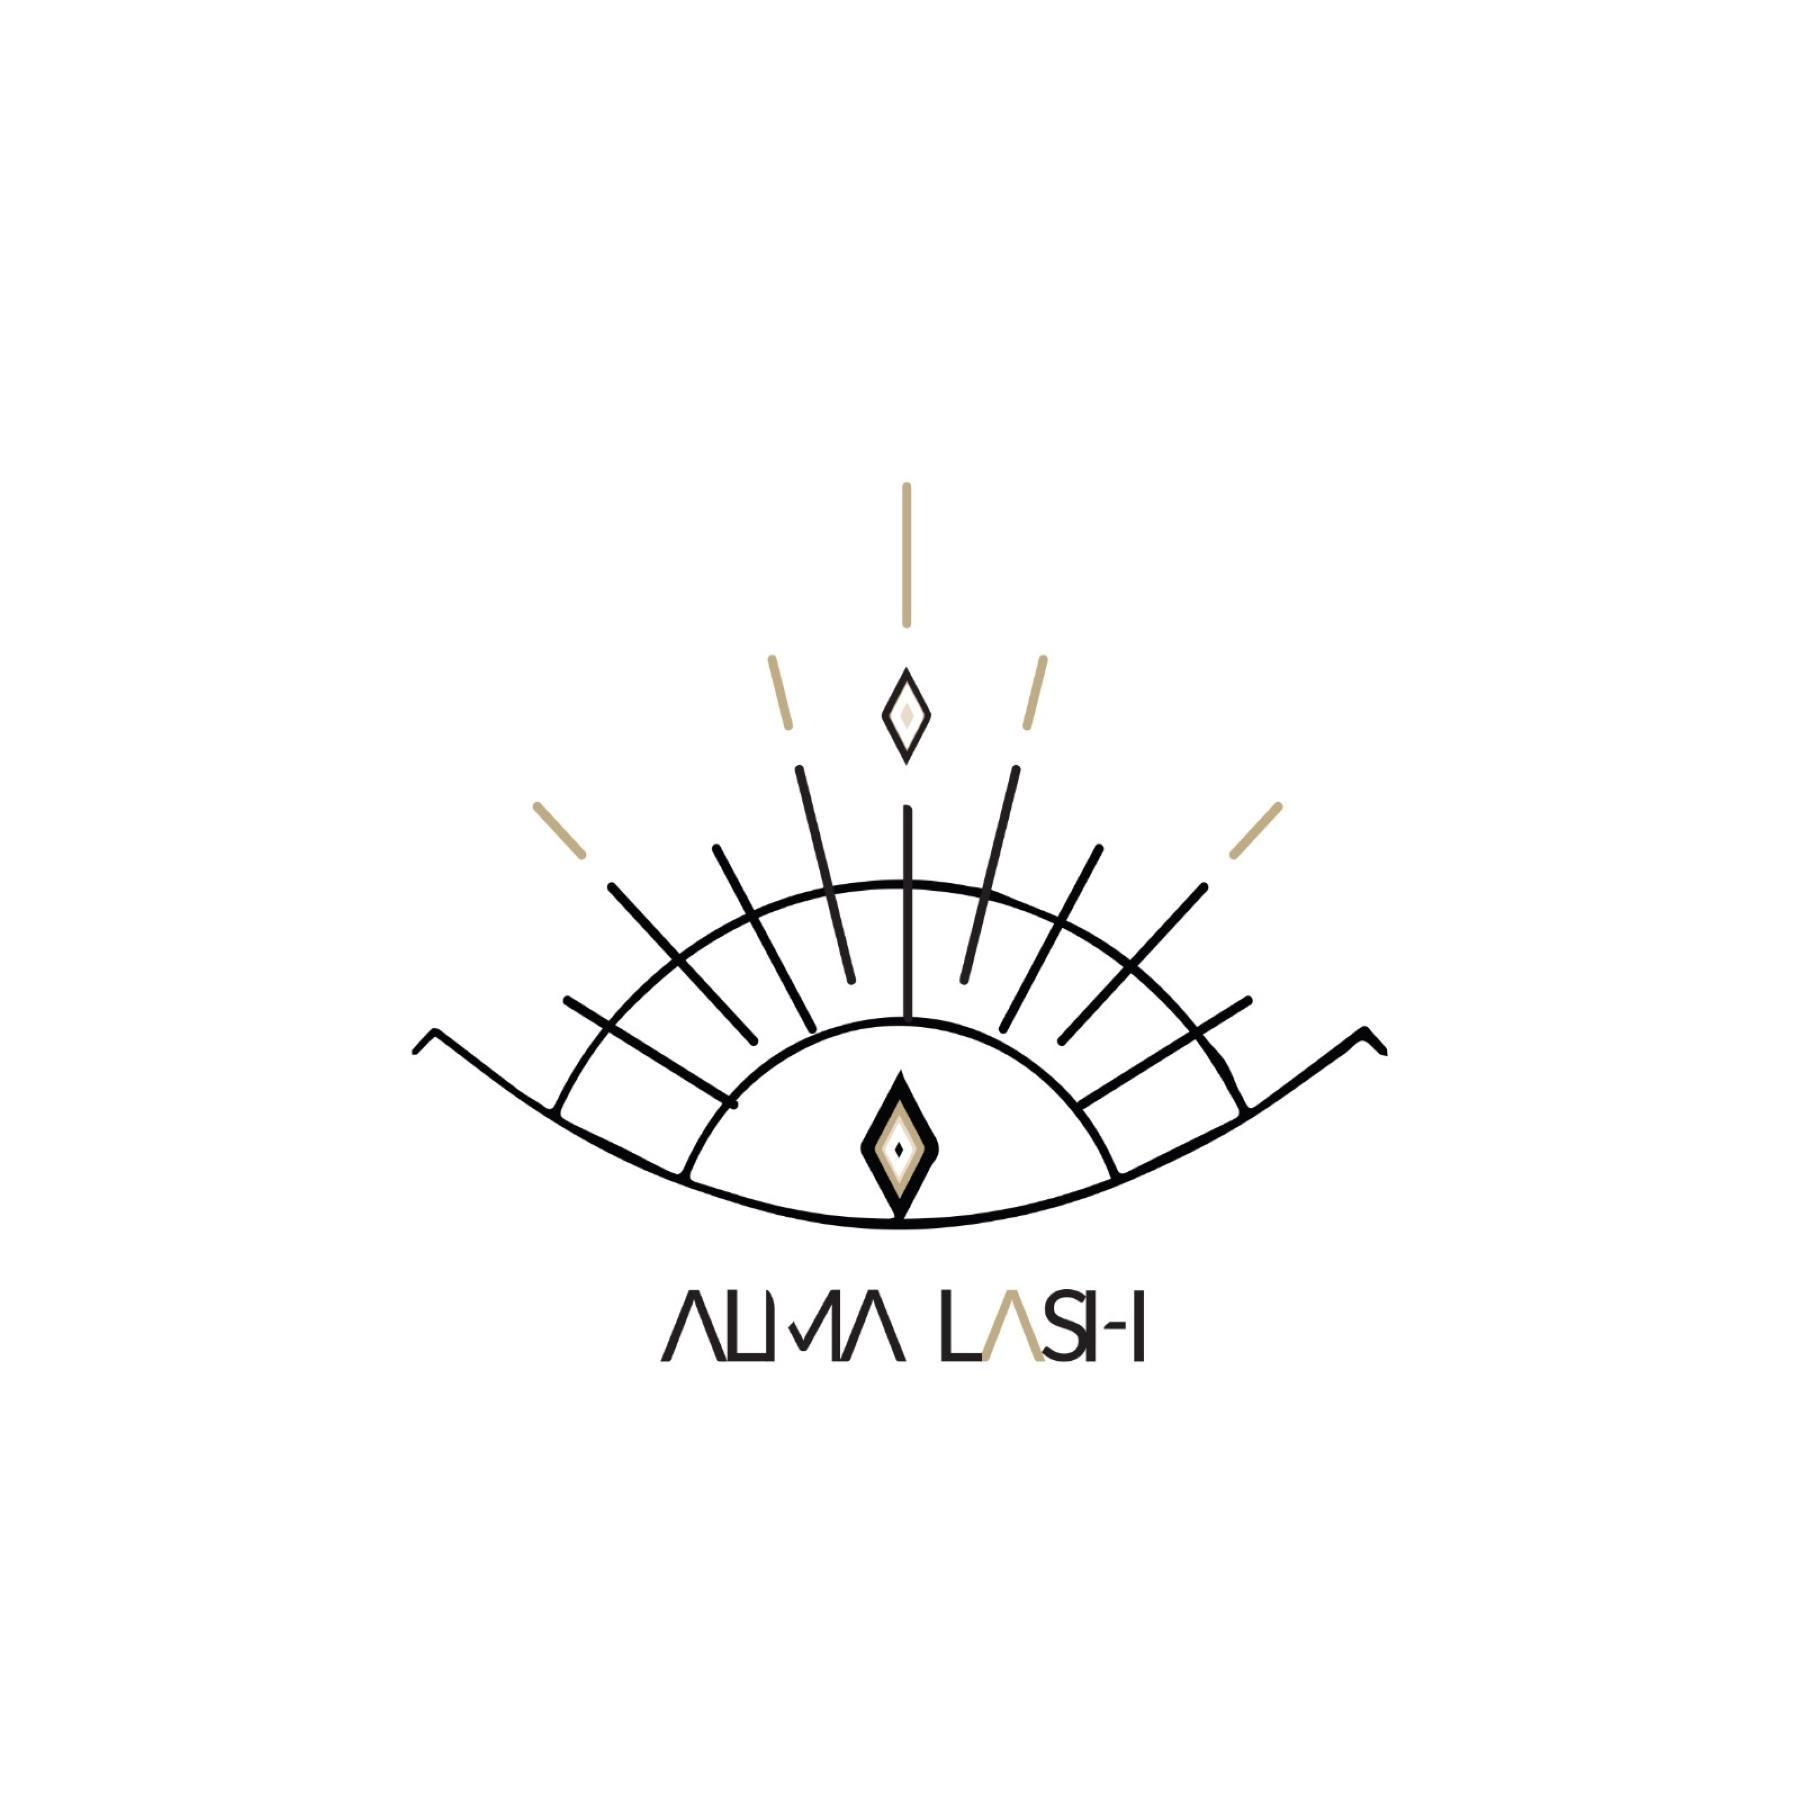 Alma Lash